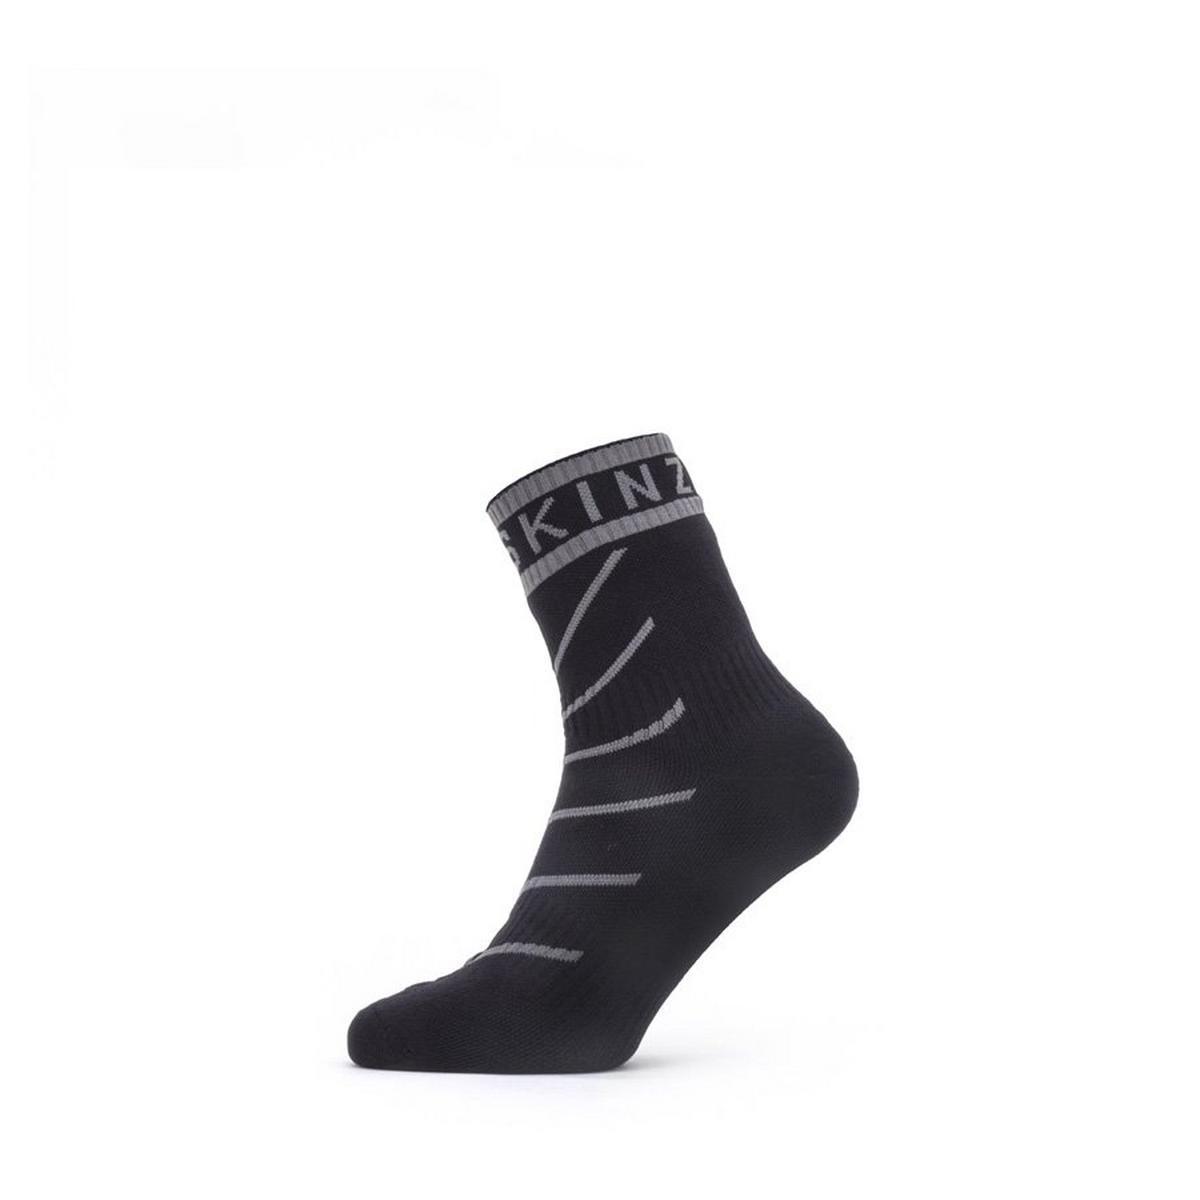 Sealskinz Waterproof Warm Weather Ankle Sock